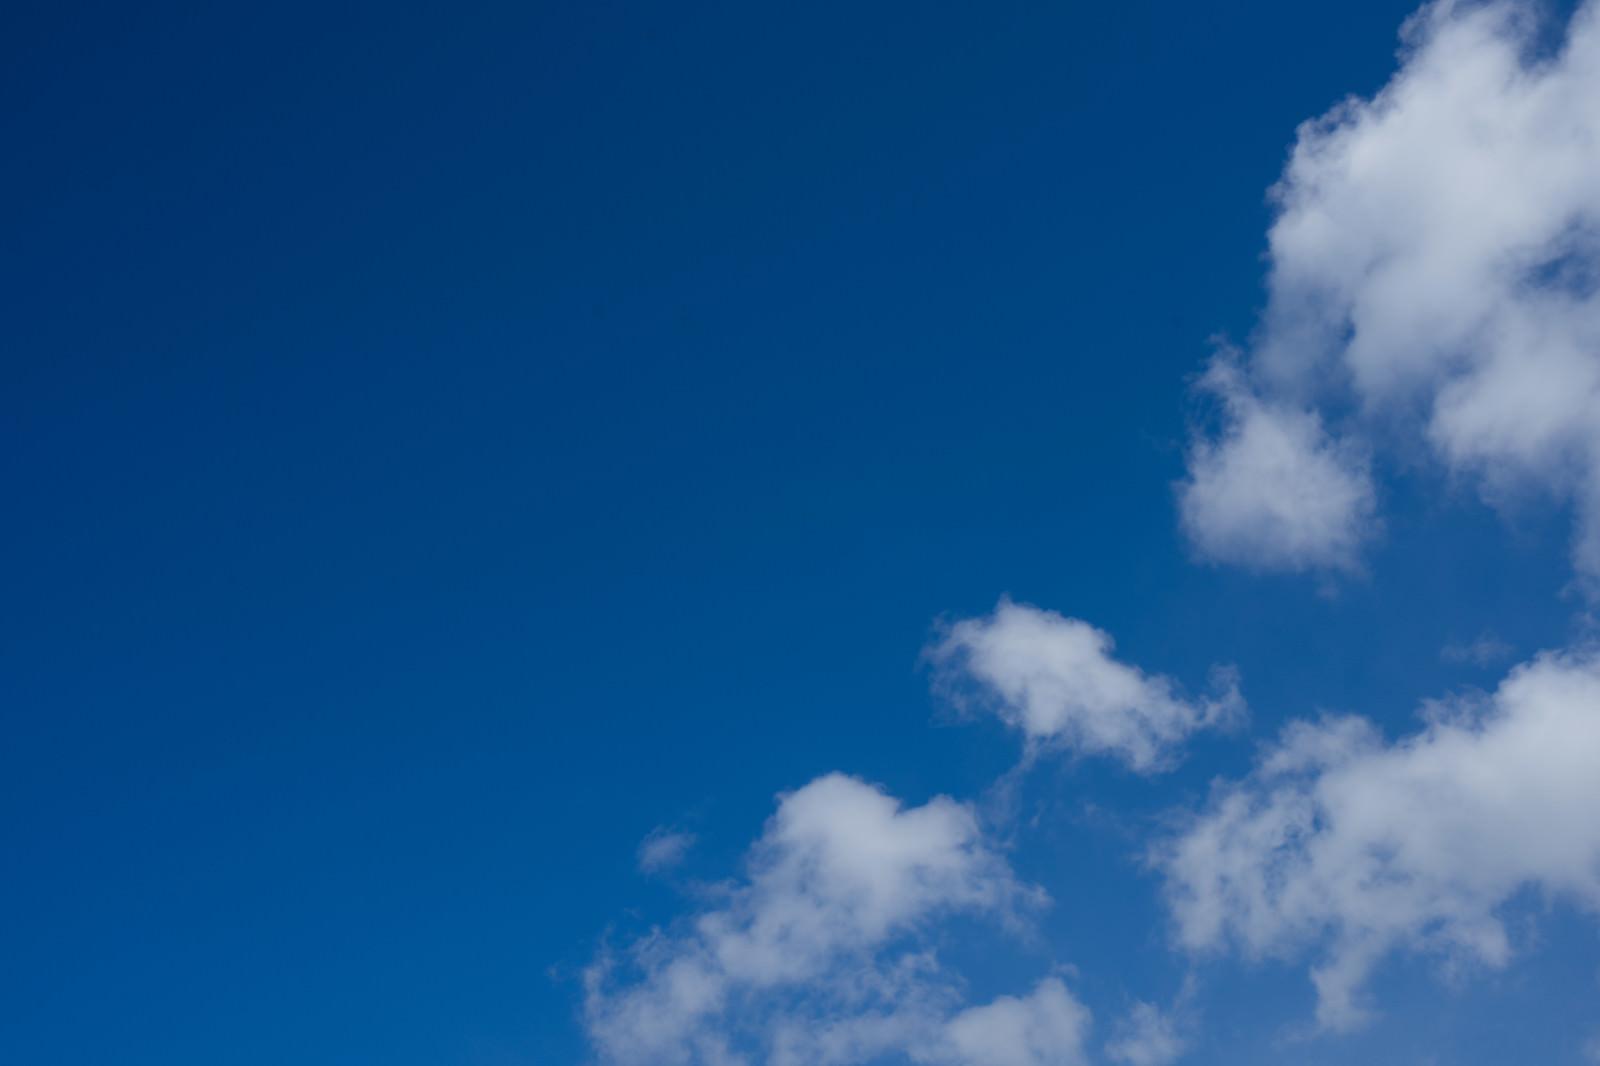 「青空と浮かぶまばらな雲青空と浮かぶまばらな雲」のフリー写真素材を拡大